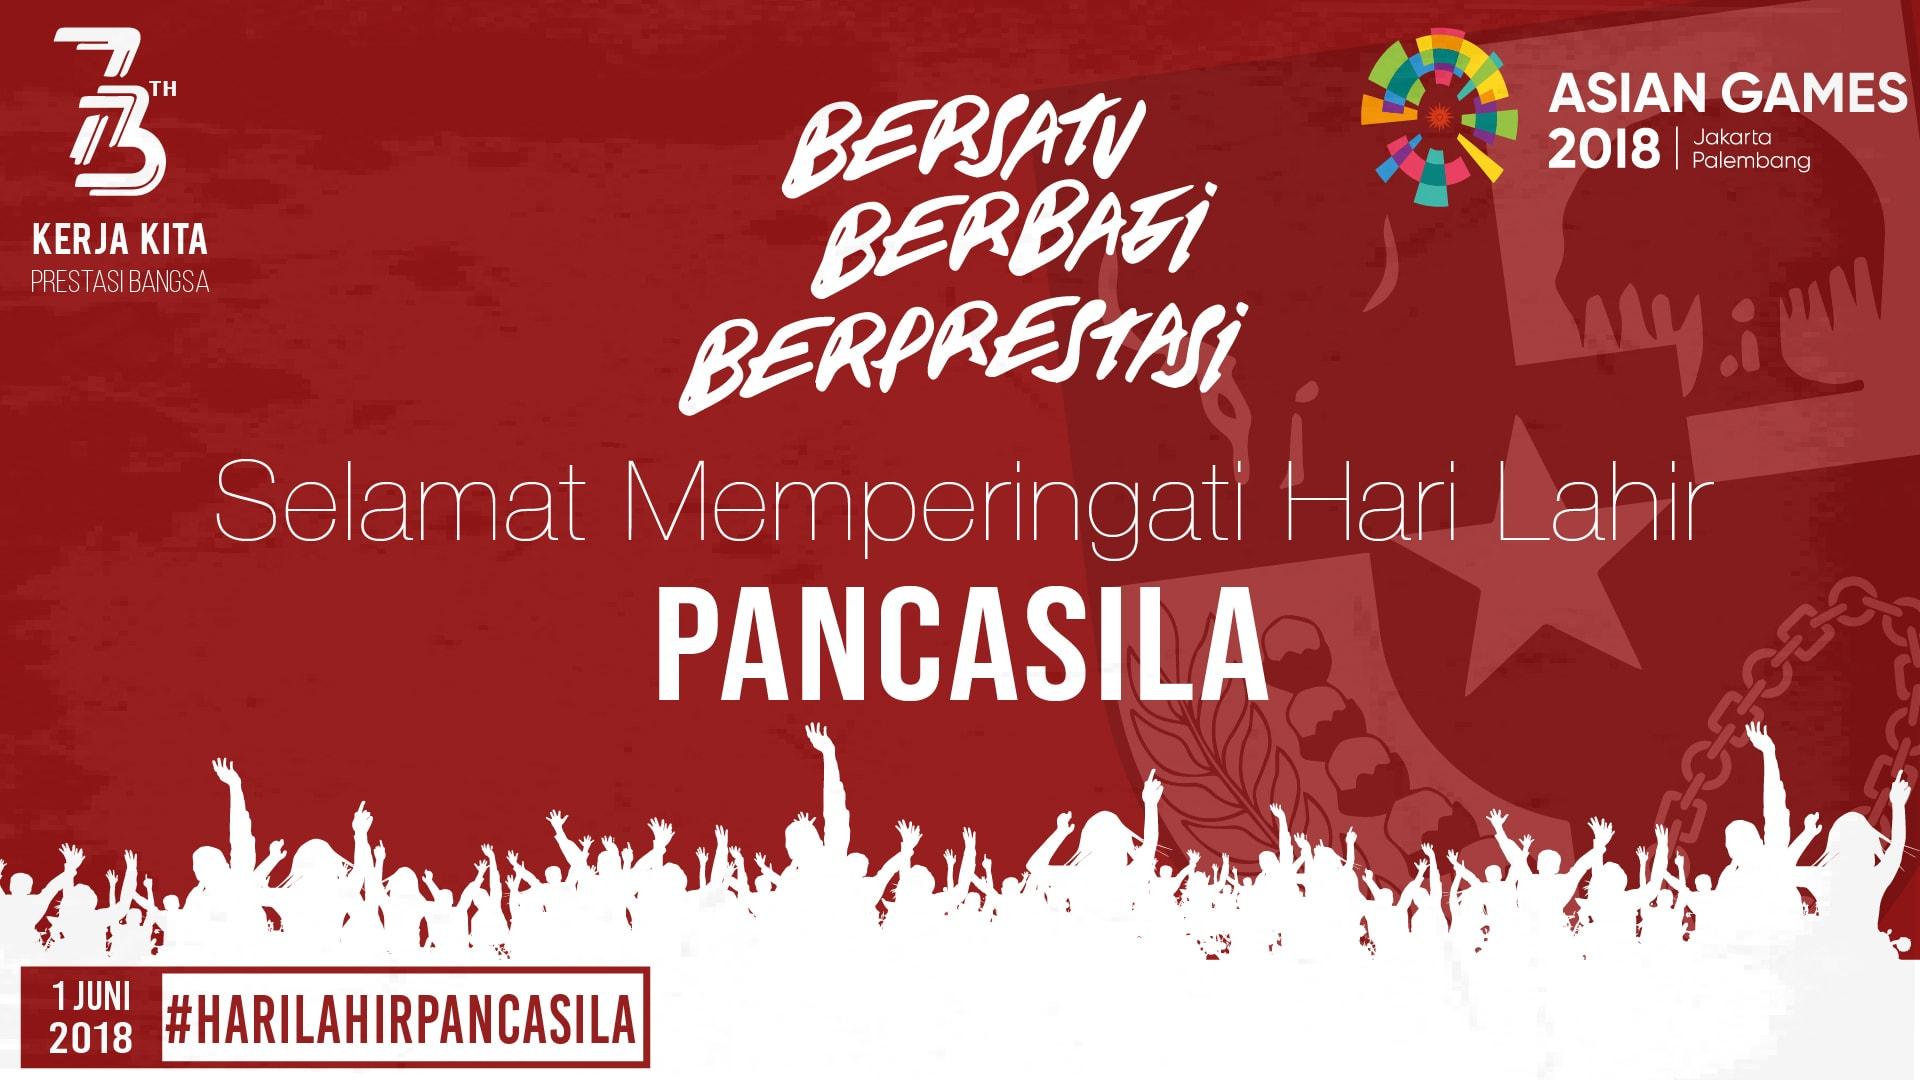 Hari Lahir Pancasila, Menko Maritim Berpesan Jadikan Pancasila Sebagai Ideologi Nasional